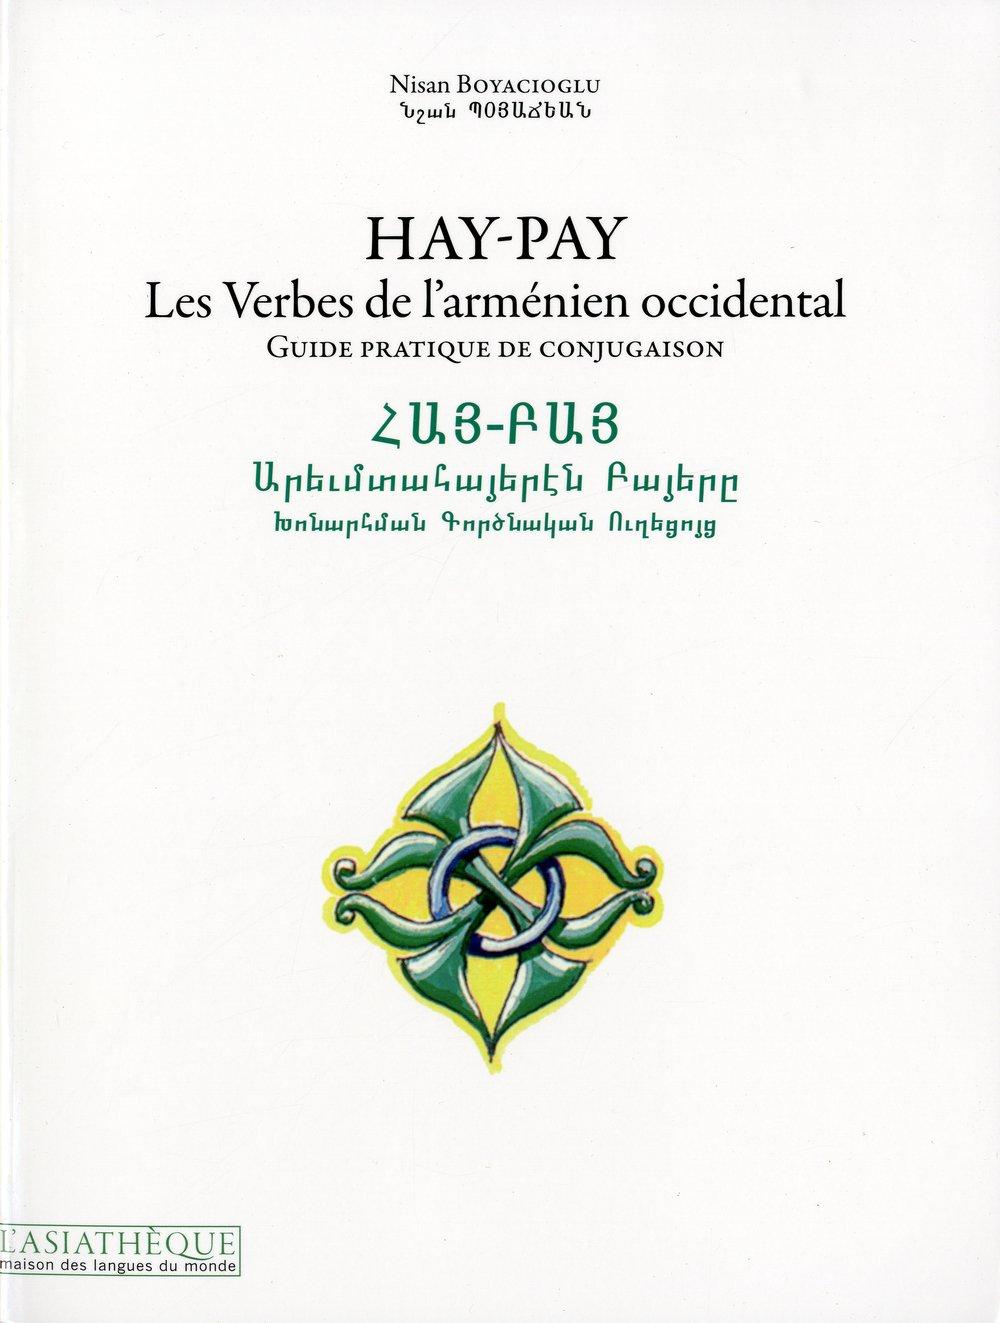 Amazon Com Hay Pay Les Verbes De L Armenien Occidental Guide Pratique De Conjugaison Maison Des Langues Du Monde French Edition 9782360570096 Boyacioglu Nisan Books